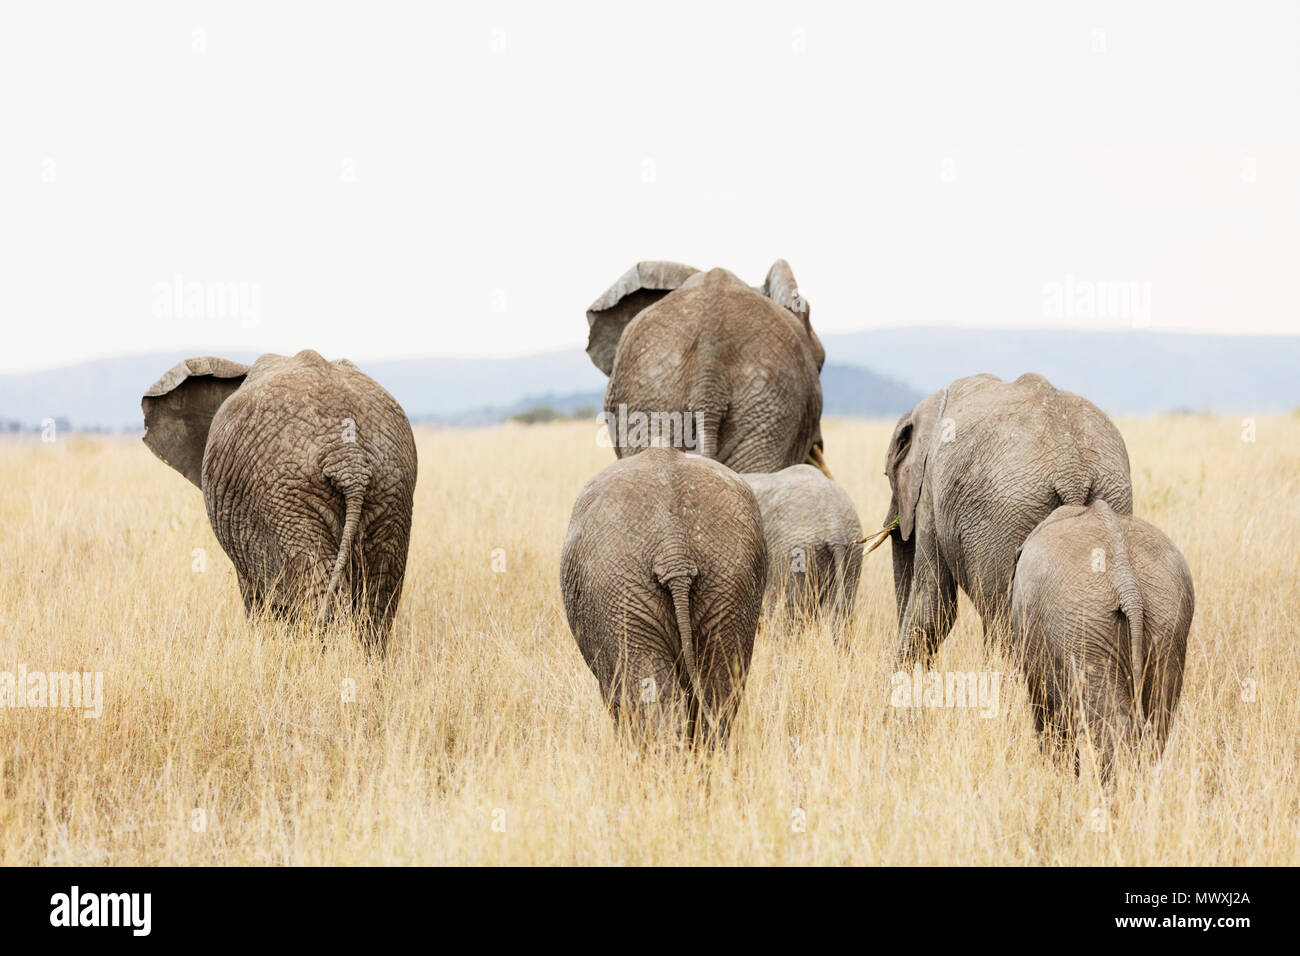 Famille d'éléphant africain (Loxodonta africana), le Parc National du Serengeti, Site du patrimoine mondial de l'UNESCO, la Tanzanie, l'Afrique de l'Est, l'Afrique Photo Stock